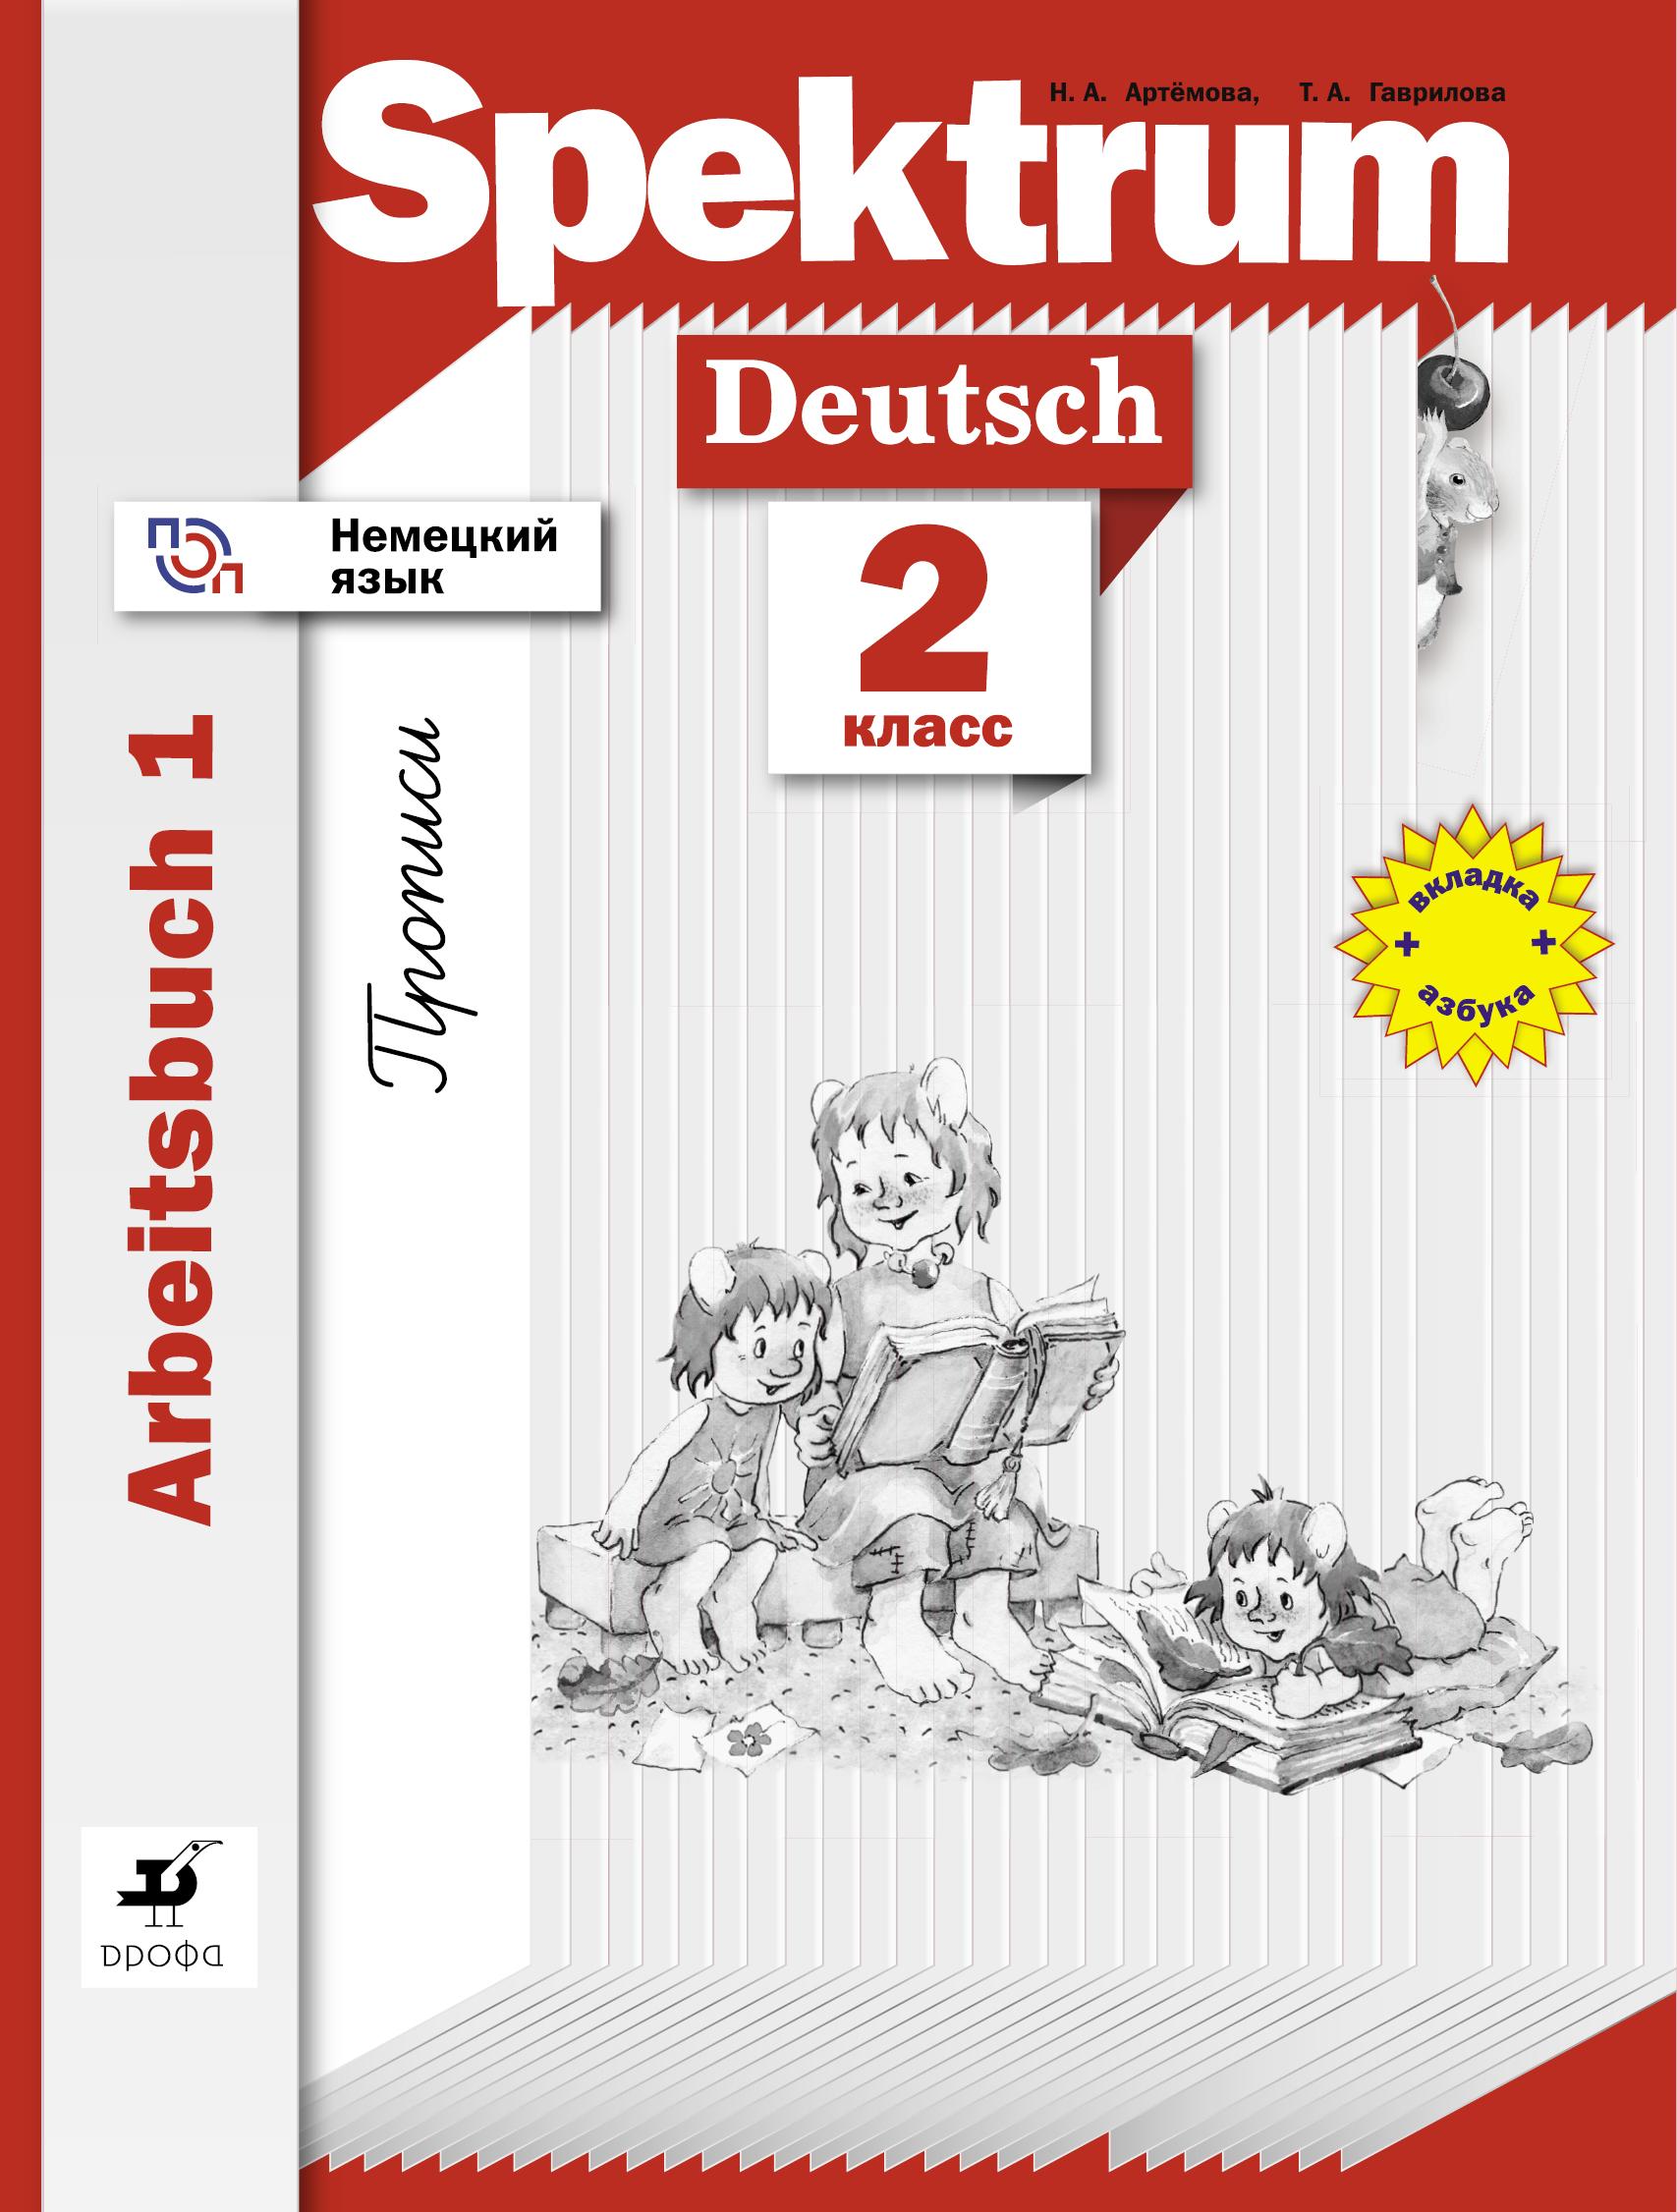 Немецкий язык. 2 класс. Рабочая тетрадь в 2-х частях. Часть 1. Прописи